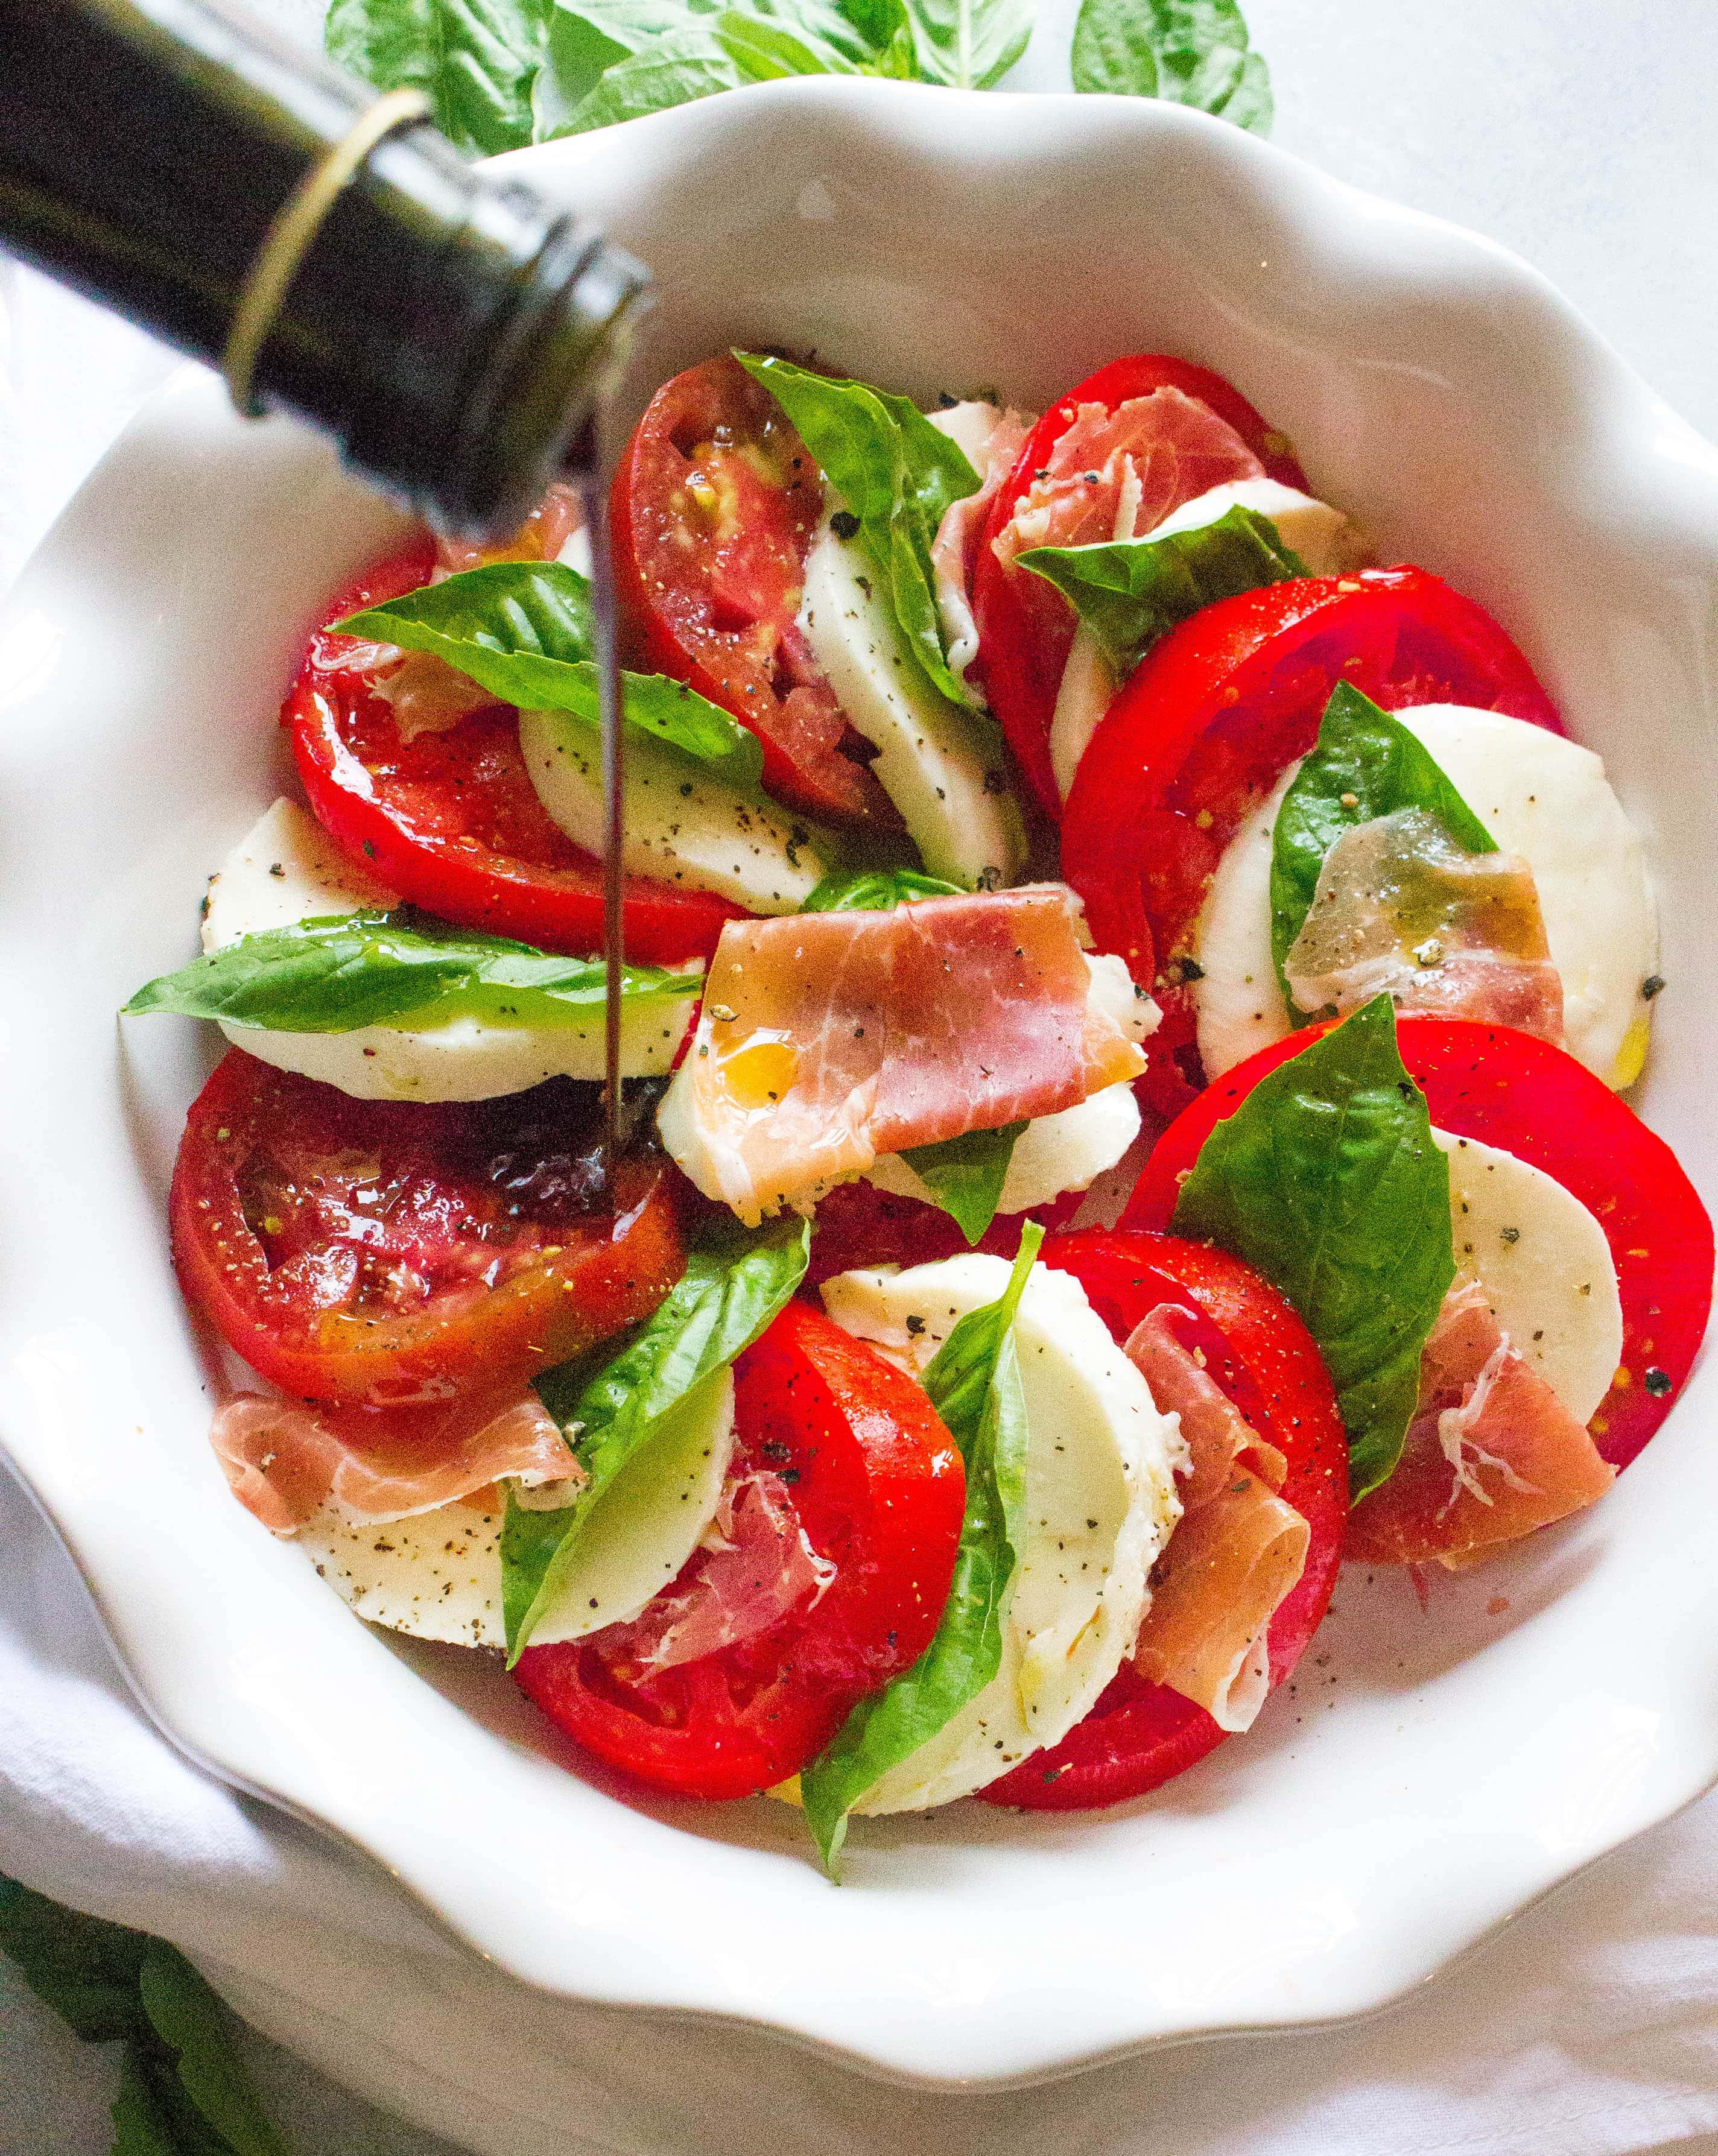 Balsamic Vinegar on Tomatoes